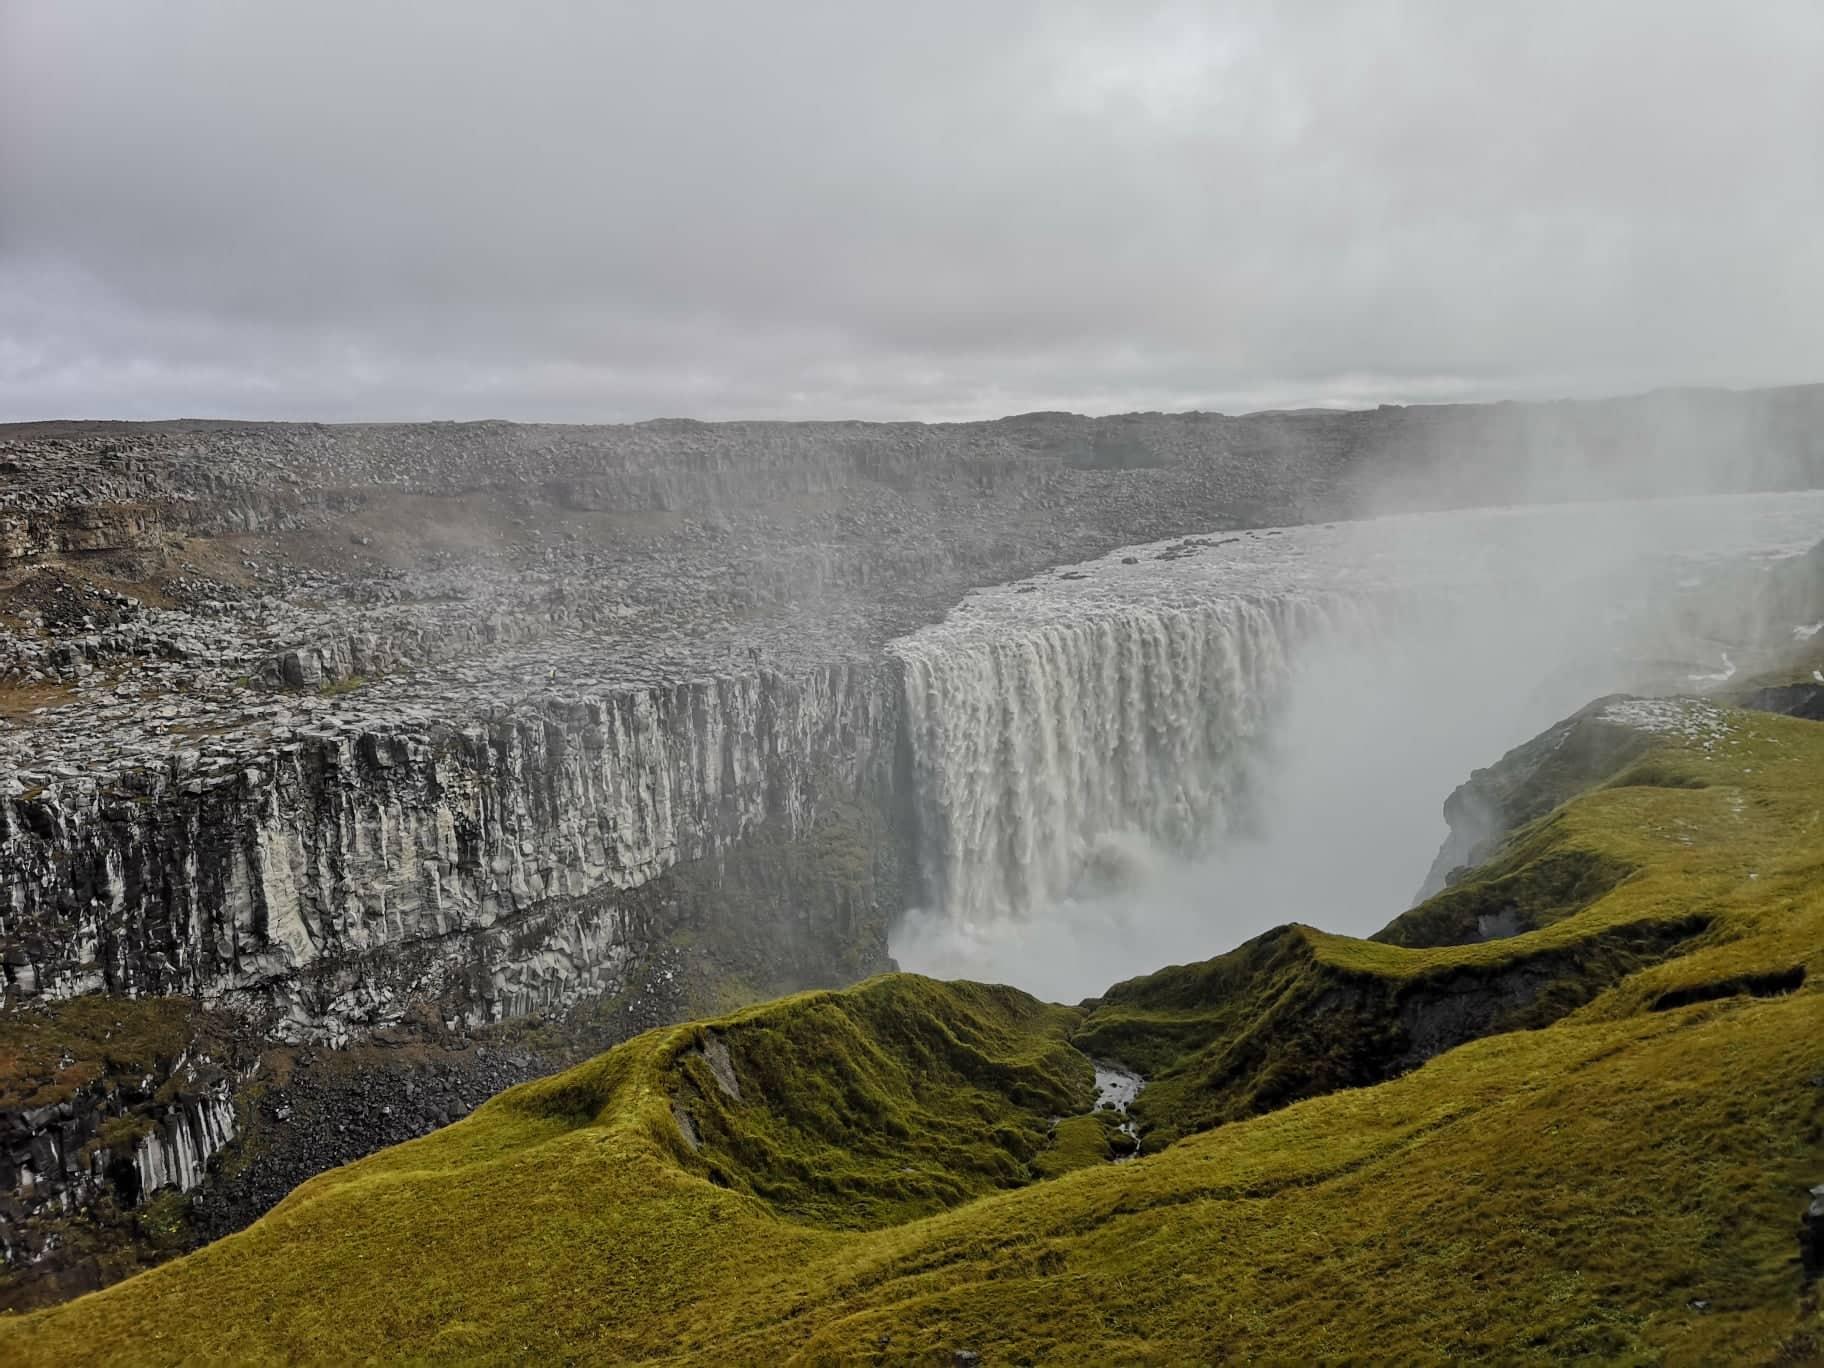 Niezapomniana 7-dniowa wycieczka minibusem z lokalnym przewodnikiem po całej obwodnicy Islandii